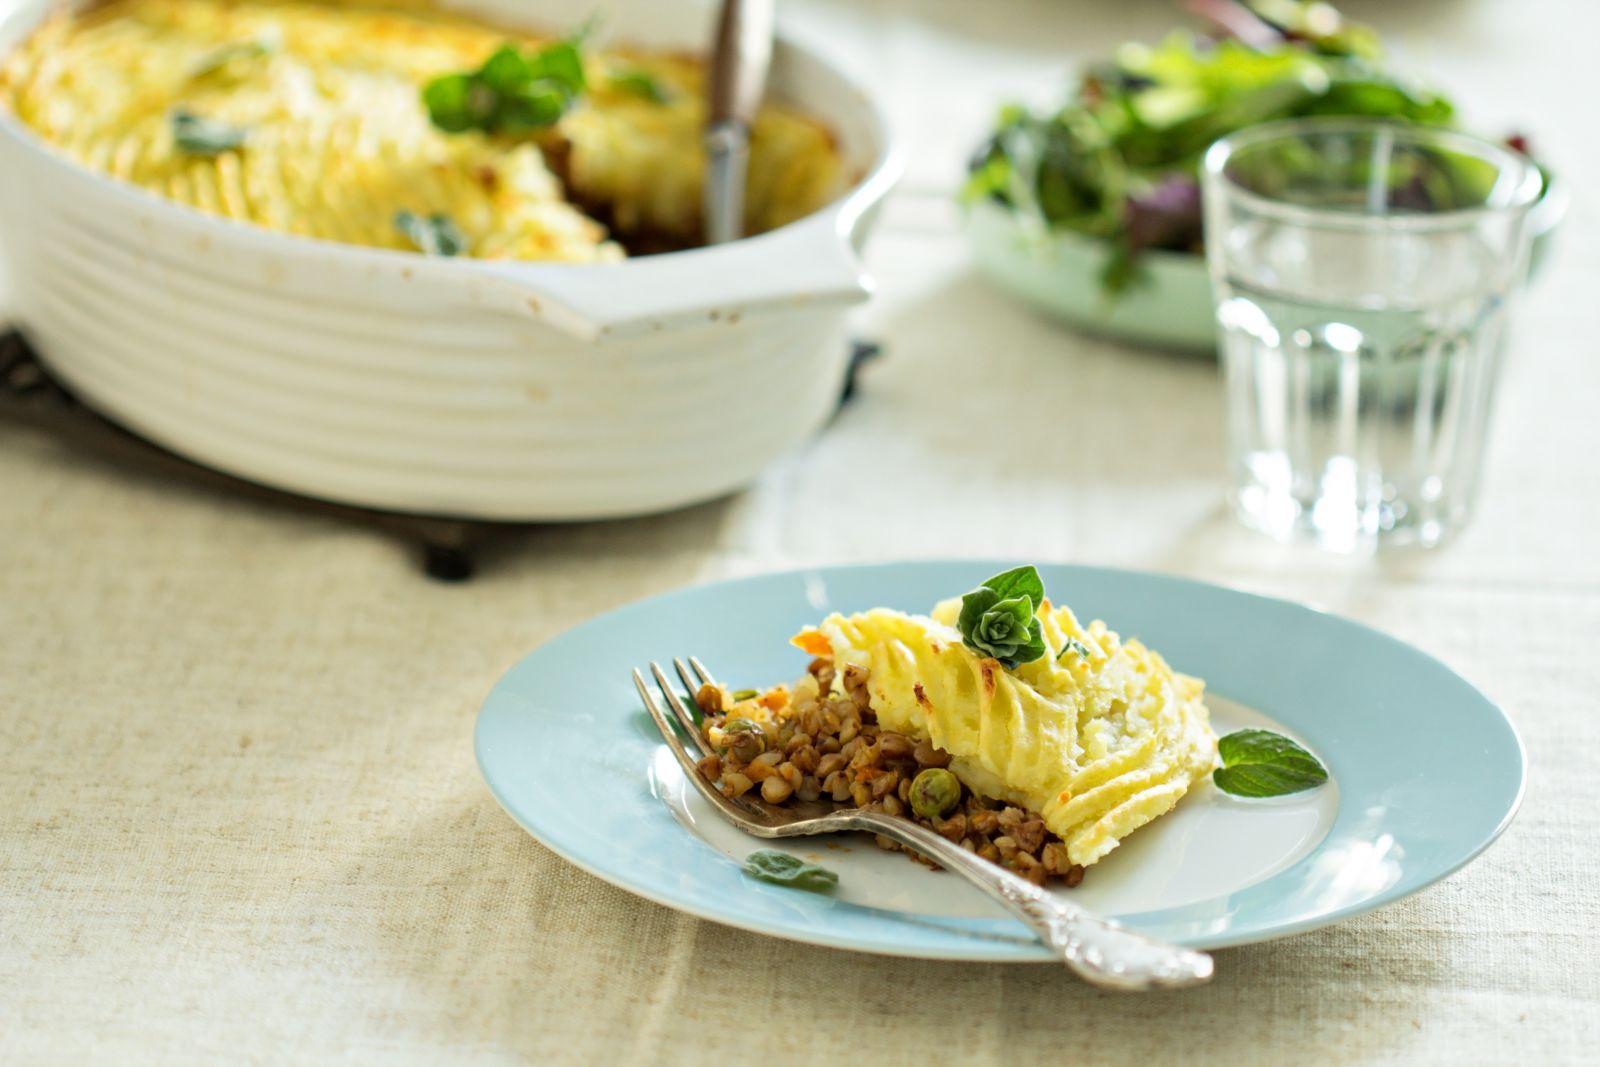 Что можно приготовить из круп, кроме каши: 4 вкусных блюда для всей семьи - фото №4